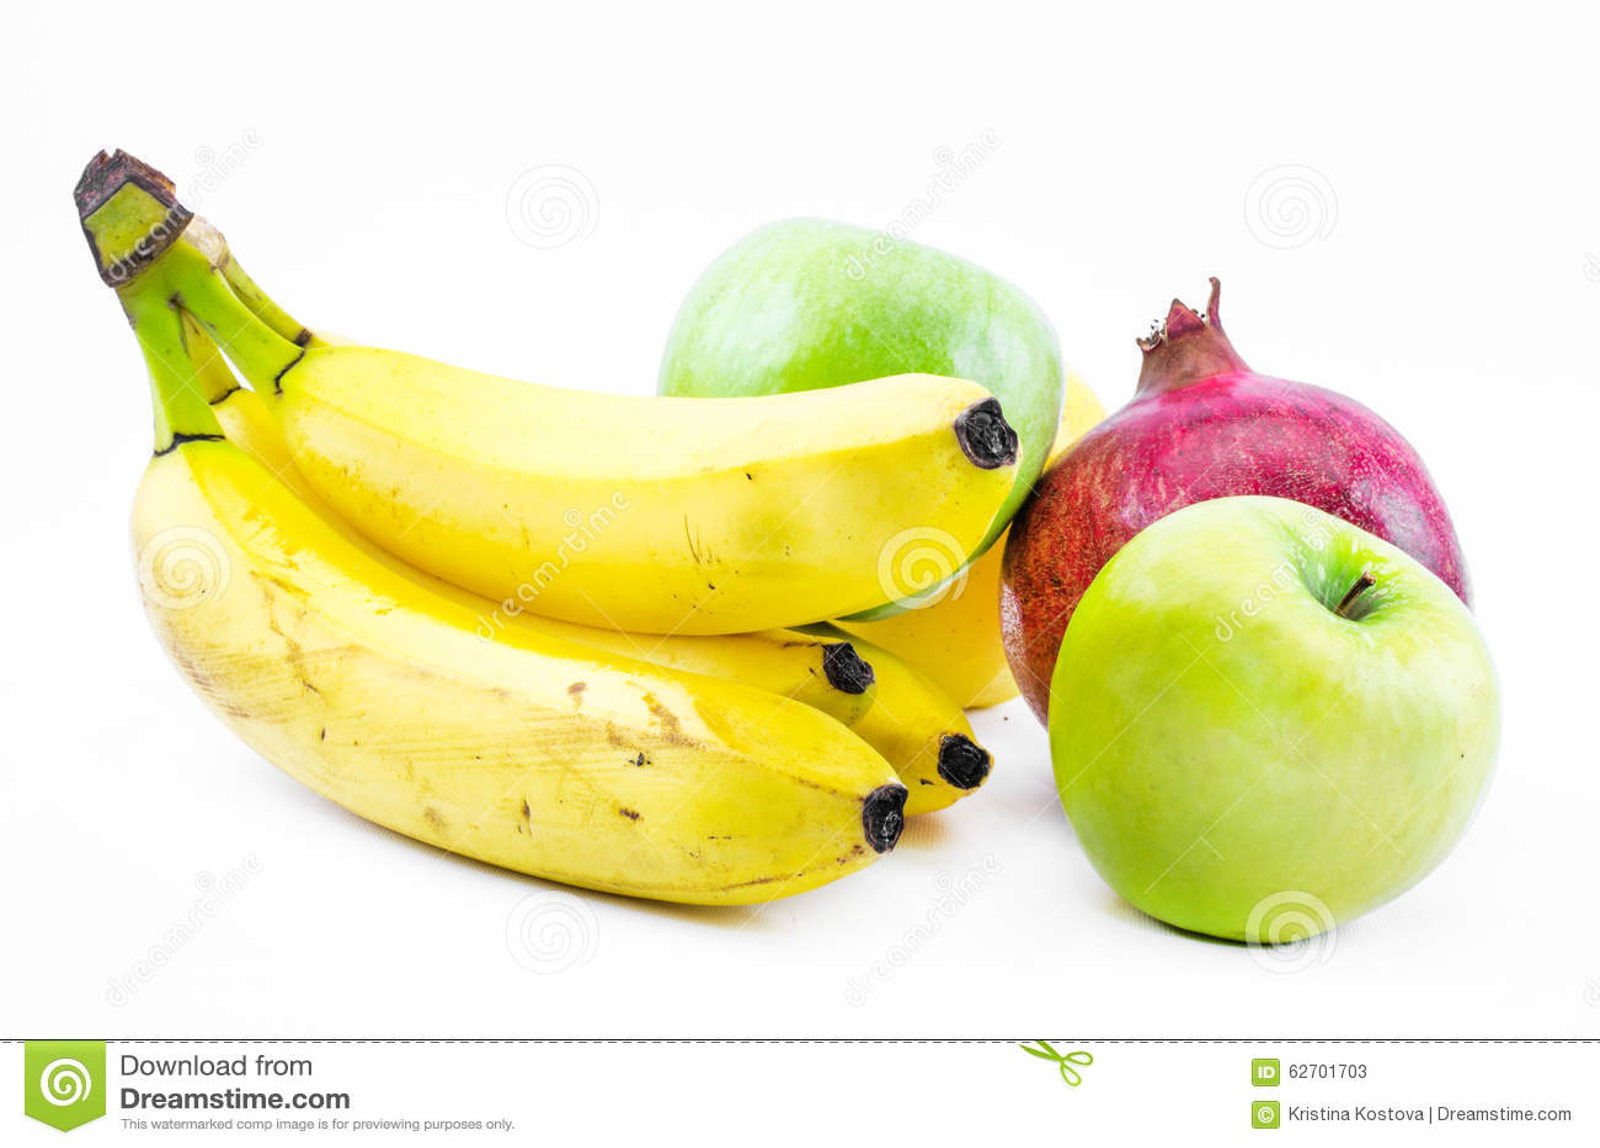 Σύνθεση των μπανανών, των πράσινων μήλων και ενός ροδιού σε ένα άσπρο υπόβαθρο